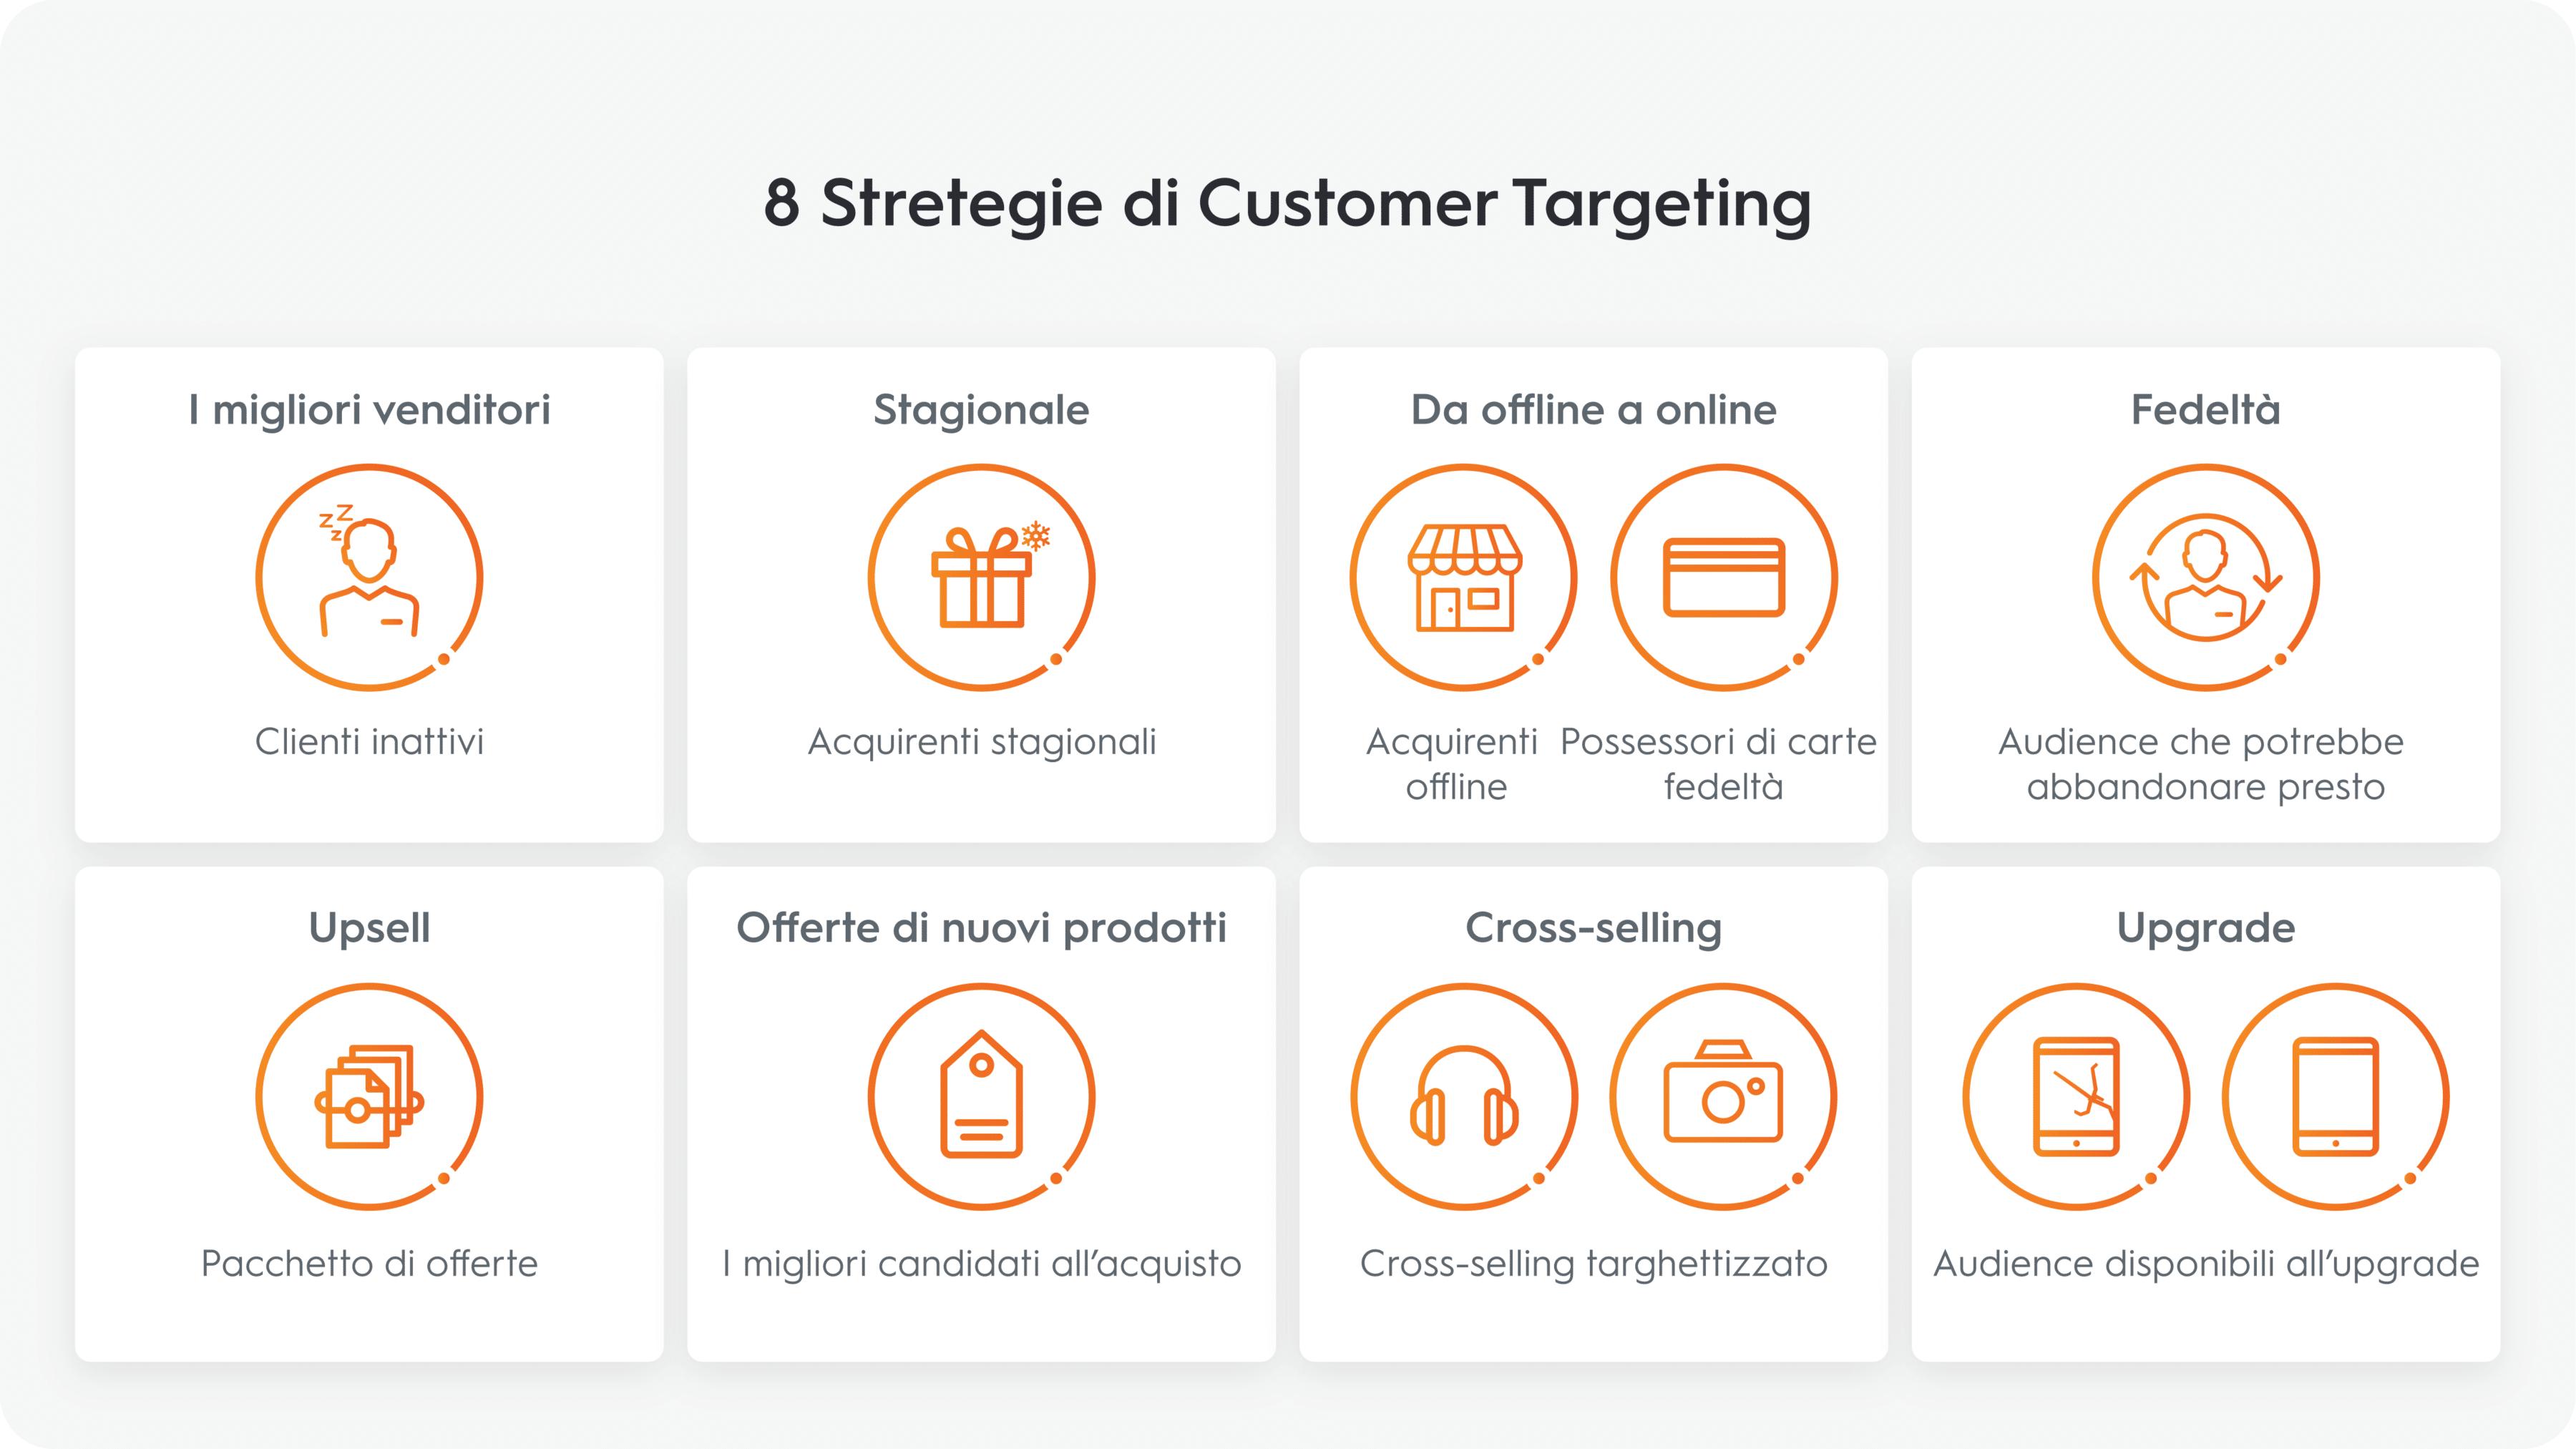 8 Stretegie di Customer Targeting